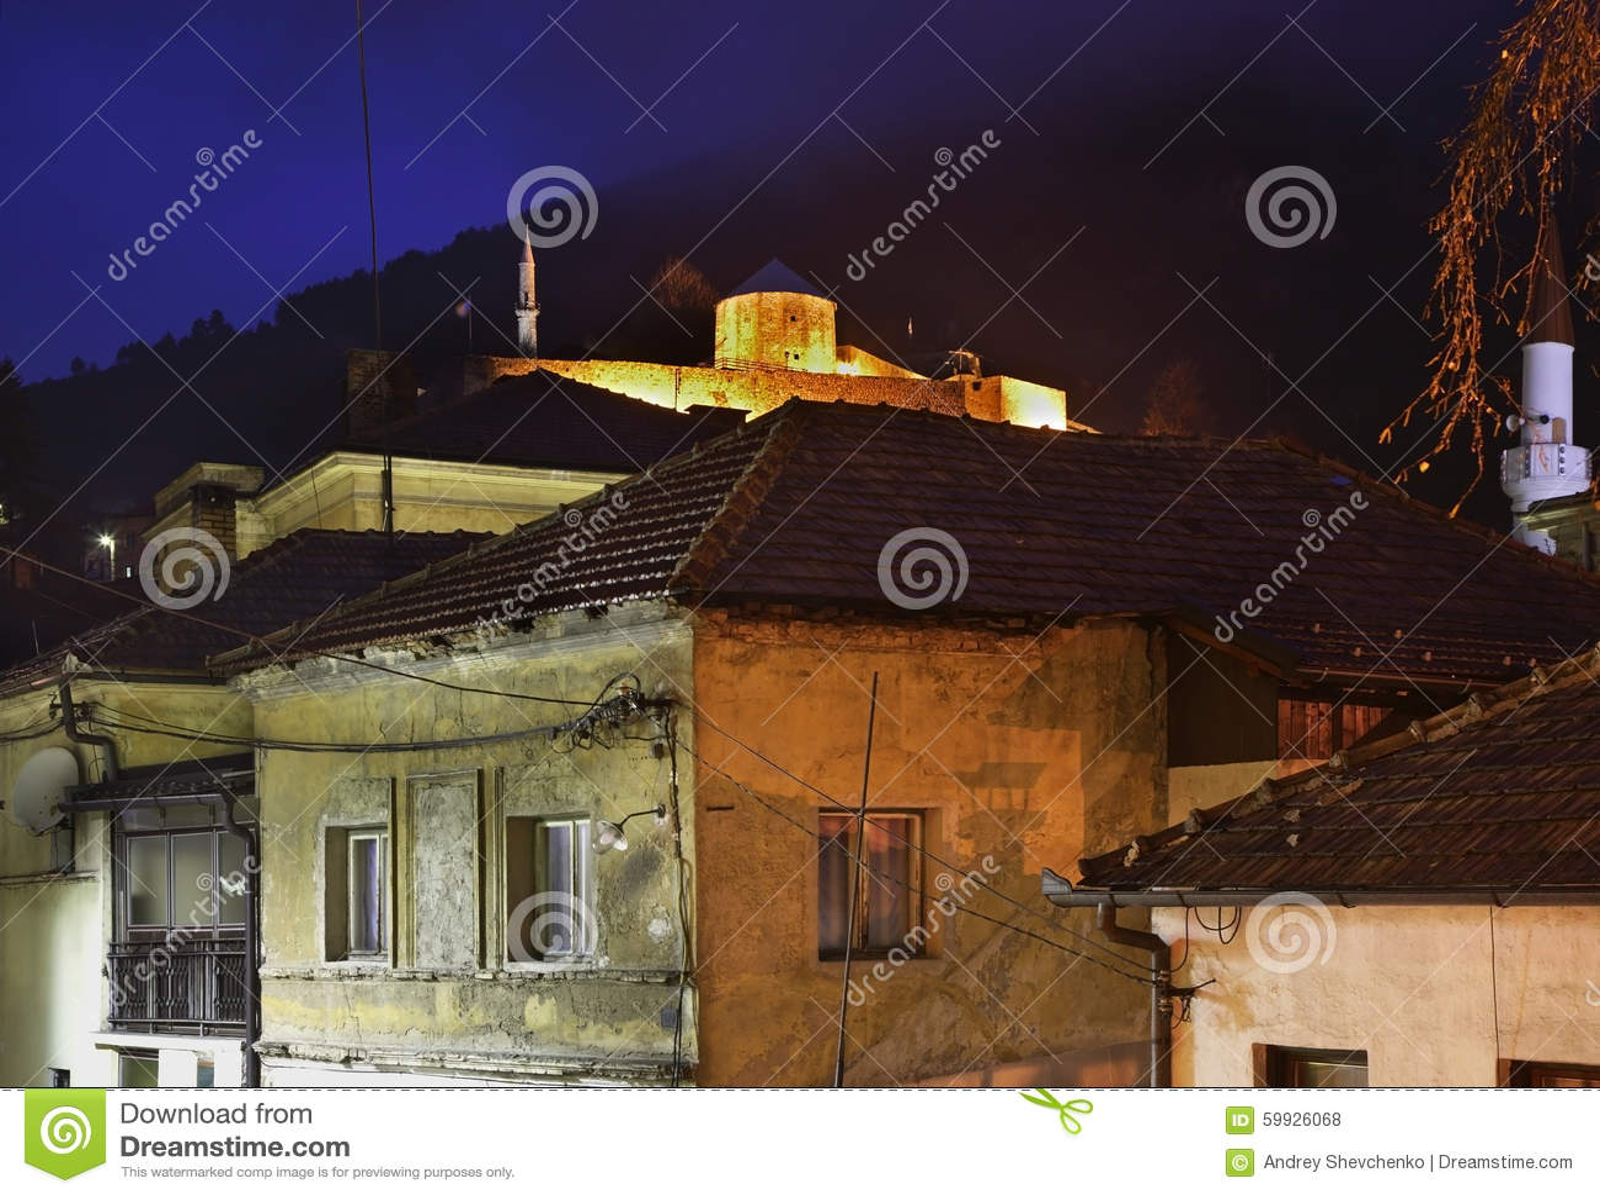 Travnik stad stämma överens områdesområden som Bosnien gemet färgade greyed herzegovina inkluderar viktigt, planera ut territorie